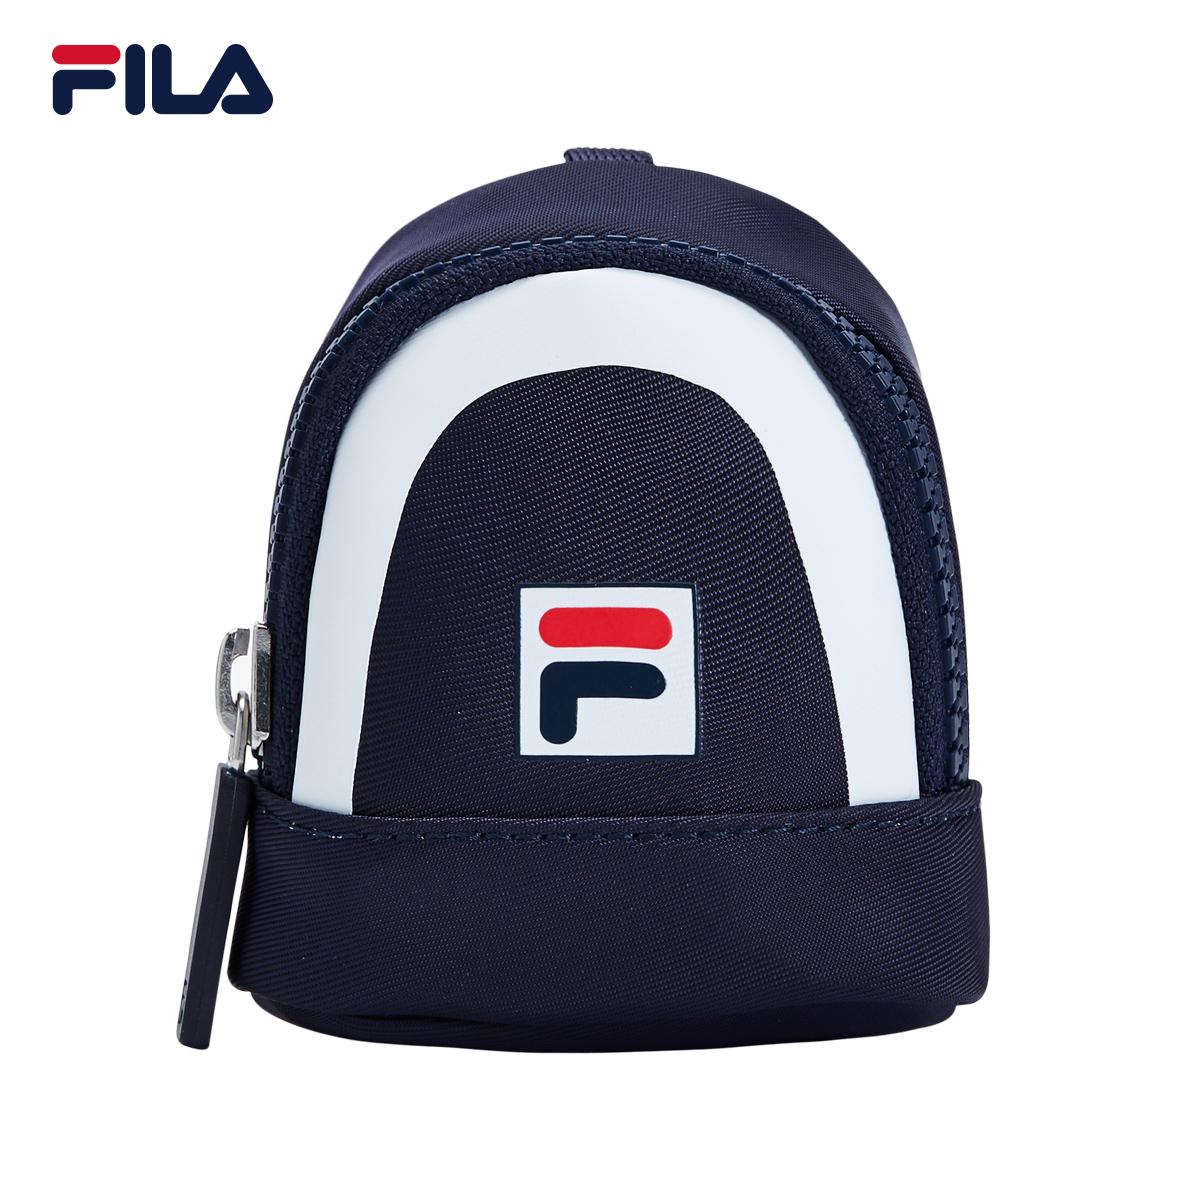 FILA фиджи музыка женщина бумажник 2018 новый летний LOGO портативный хорошо своевременно кошелек небольшой бумажник женщина